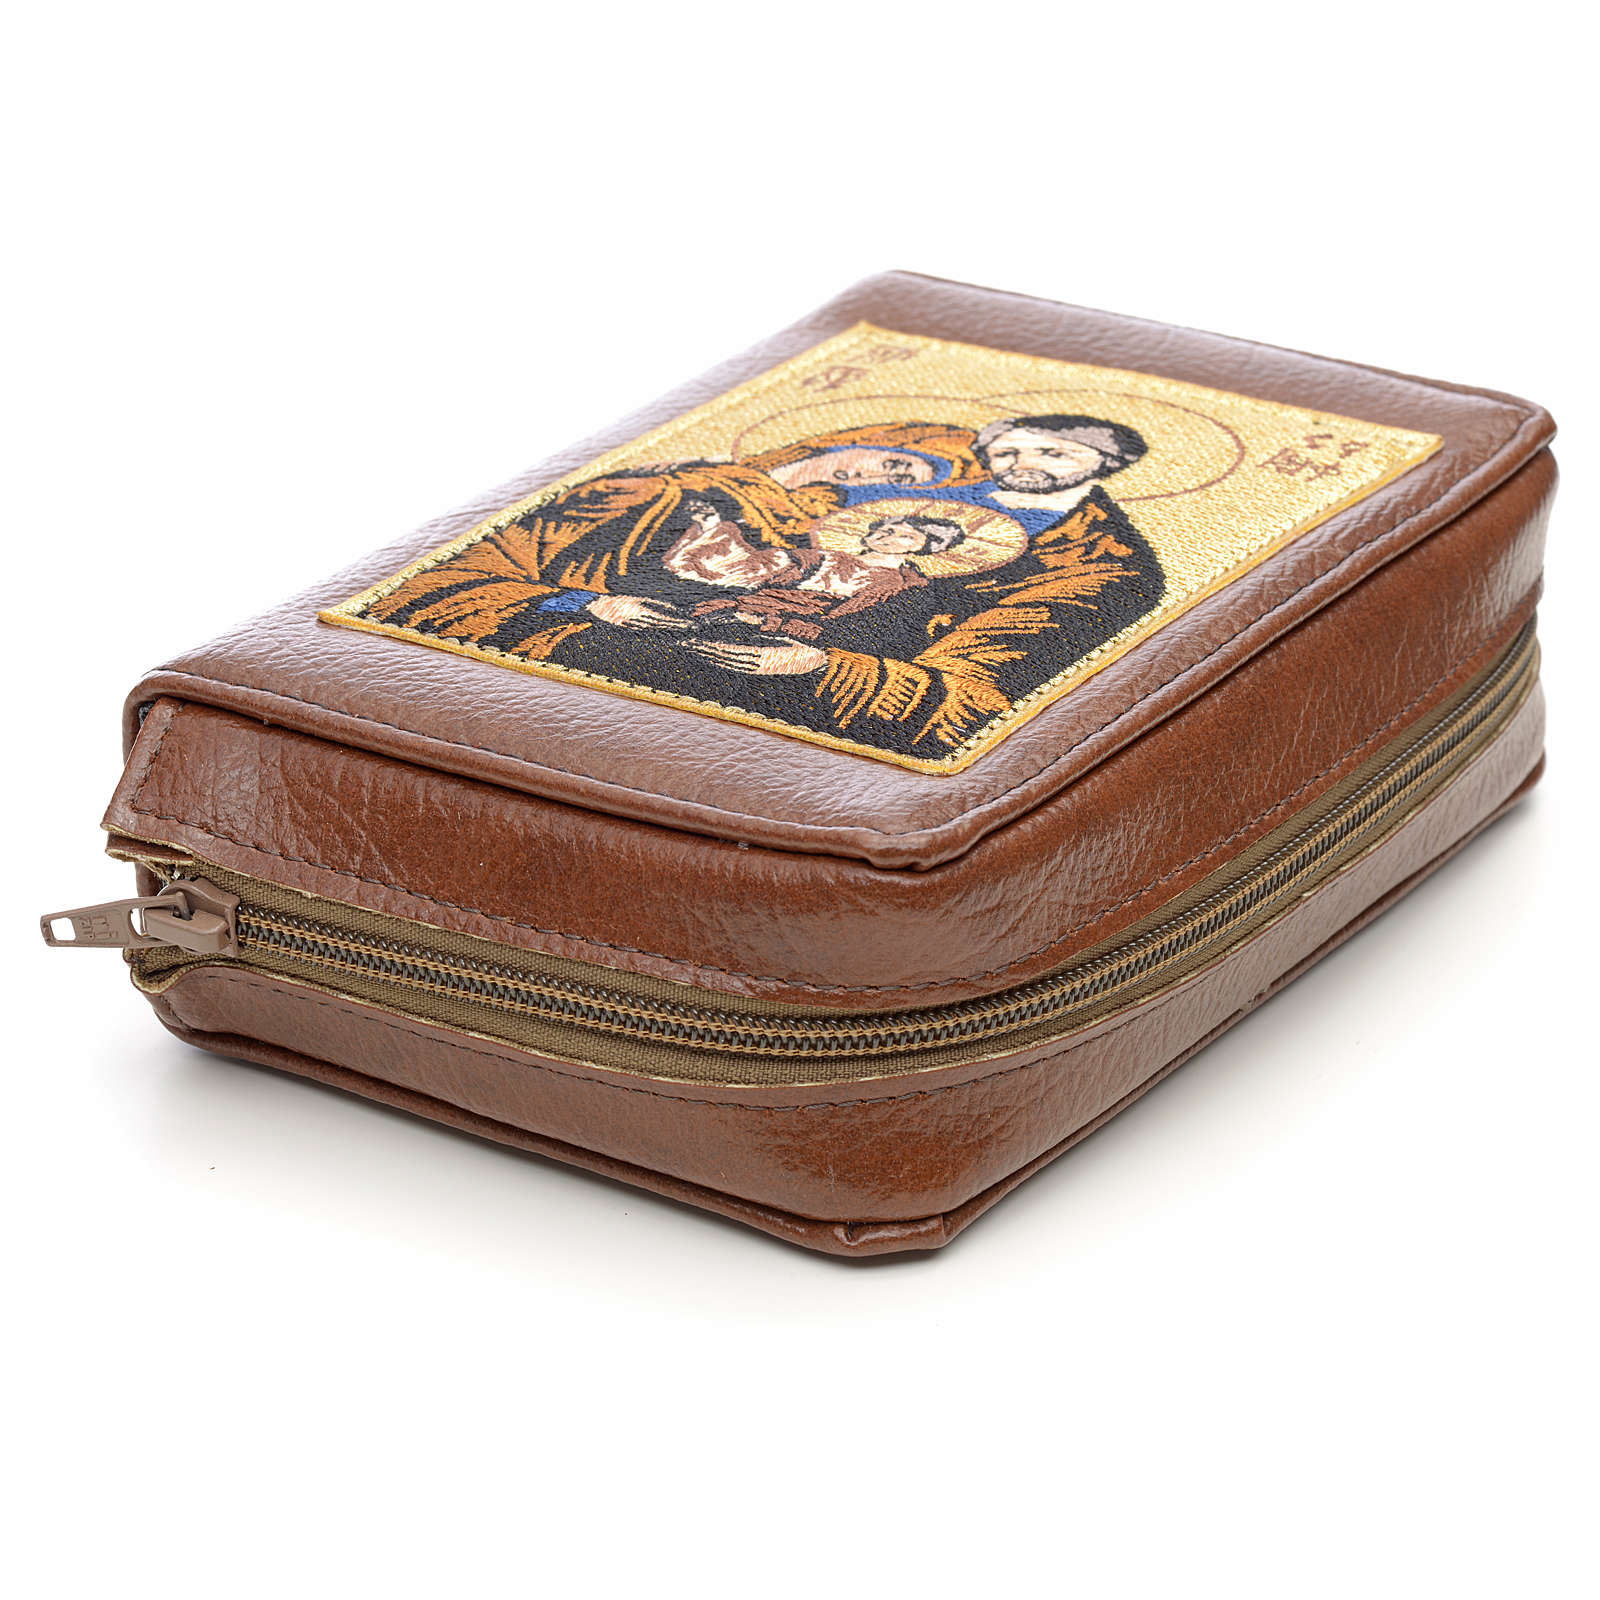 Couverture liturgie des heures 4 vol. marron Sainte Famille 4